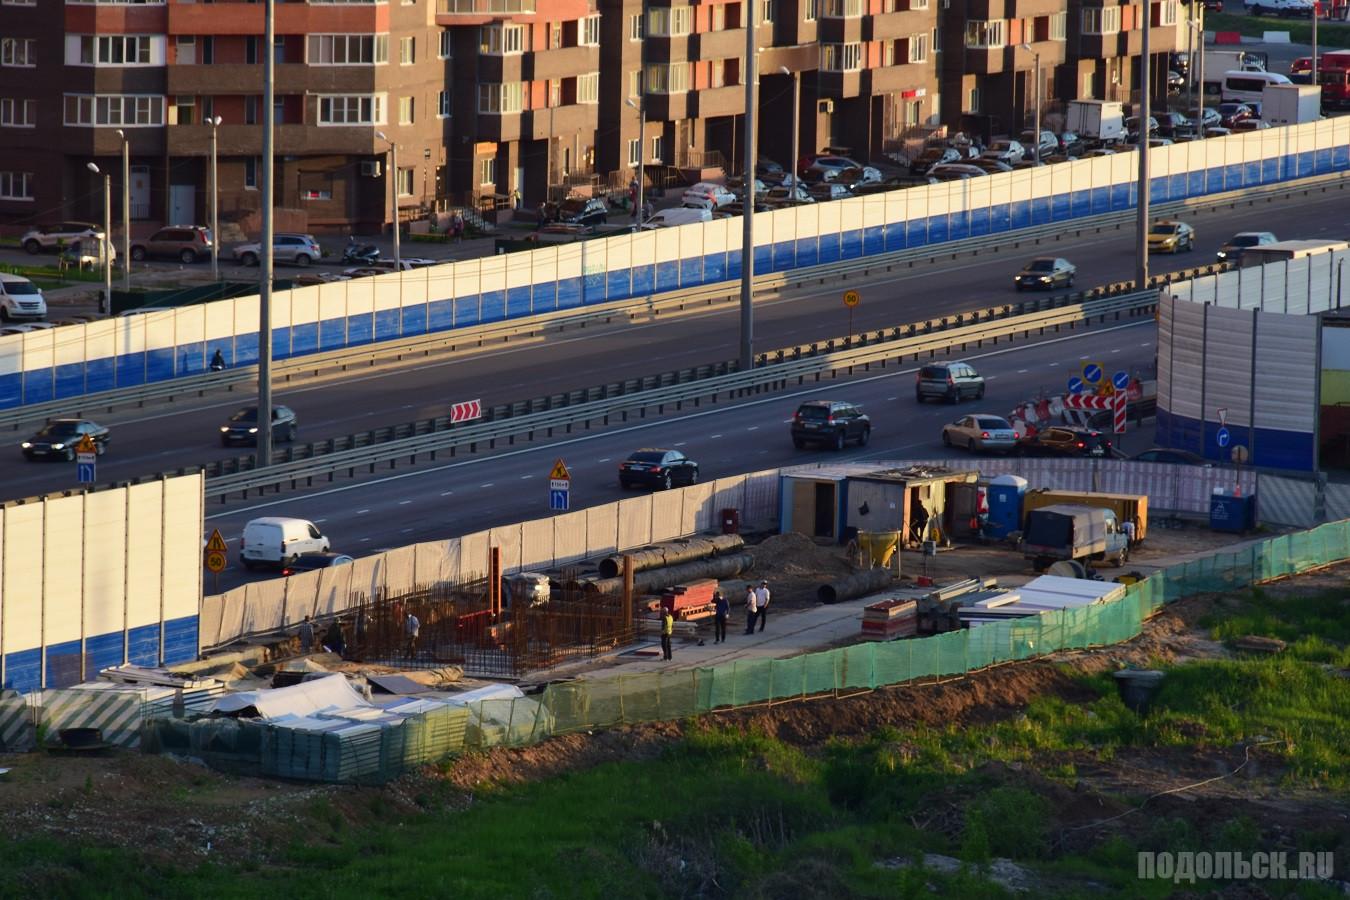 Строительство надземного перехода на Объездной дороге. 22.05.2019